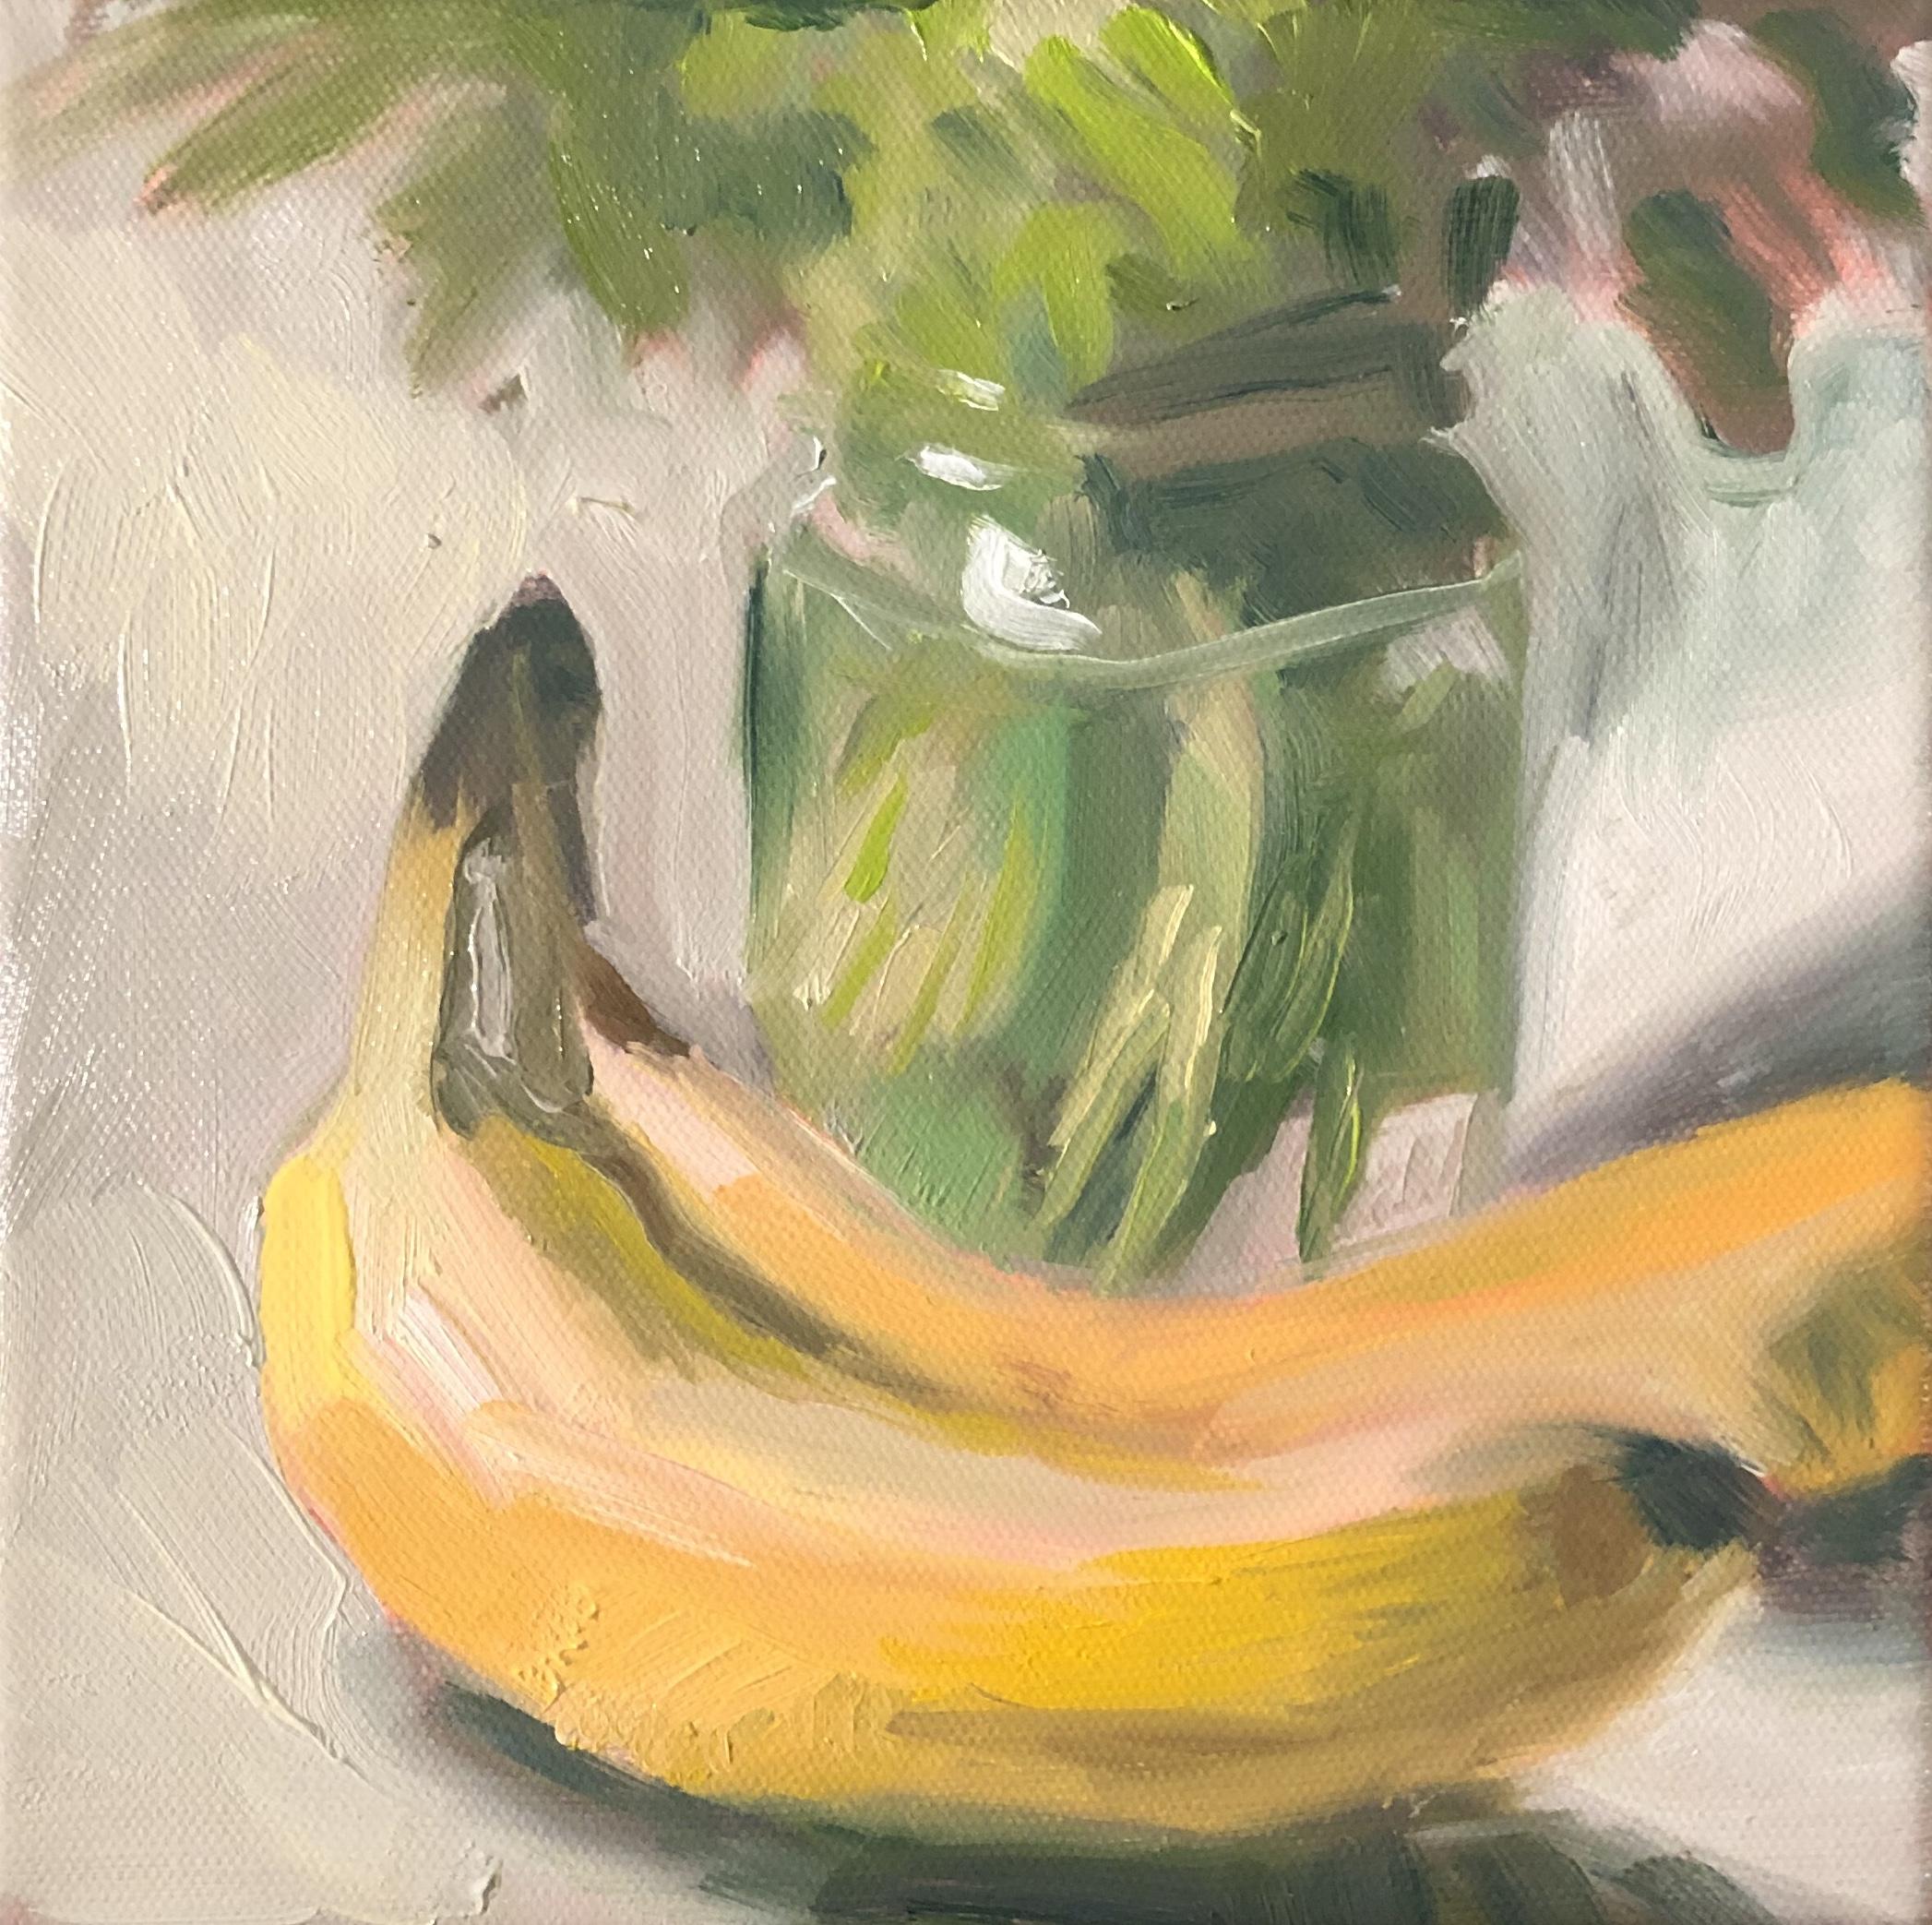 Bananas and Dill